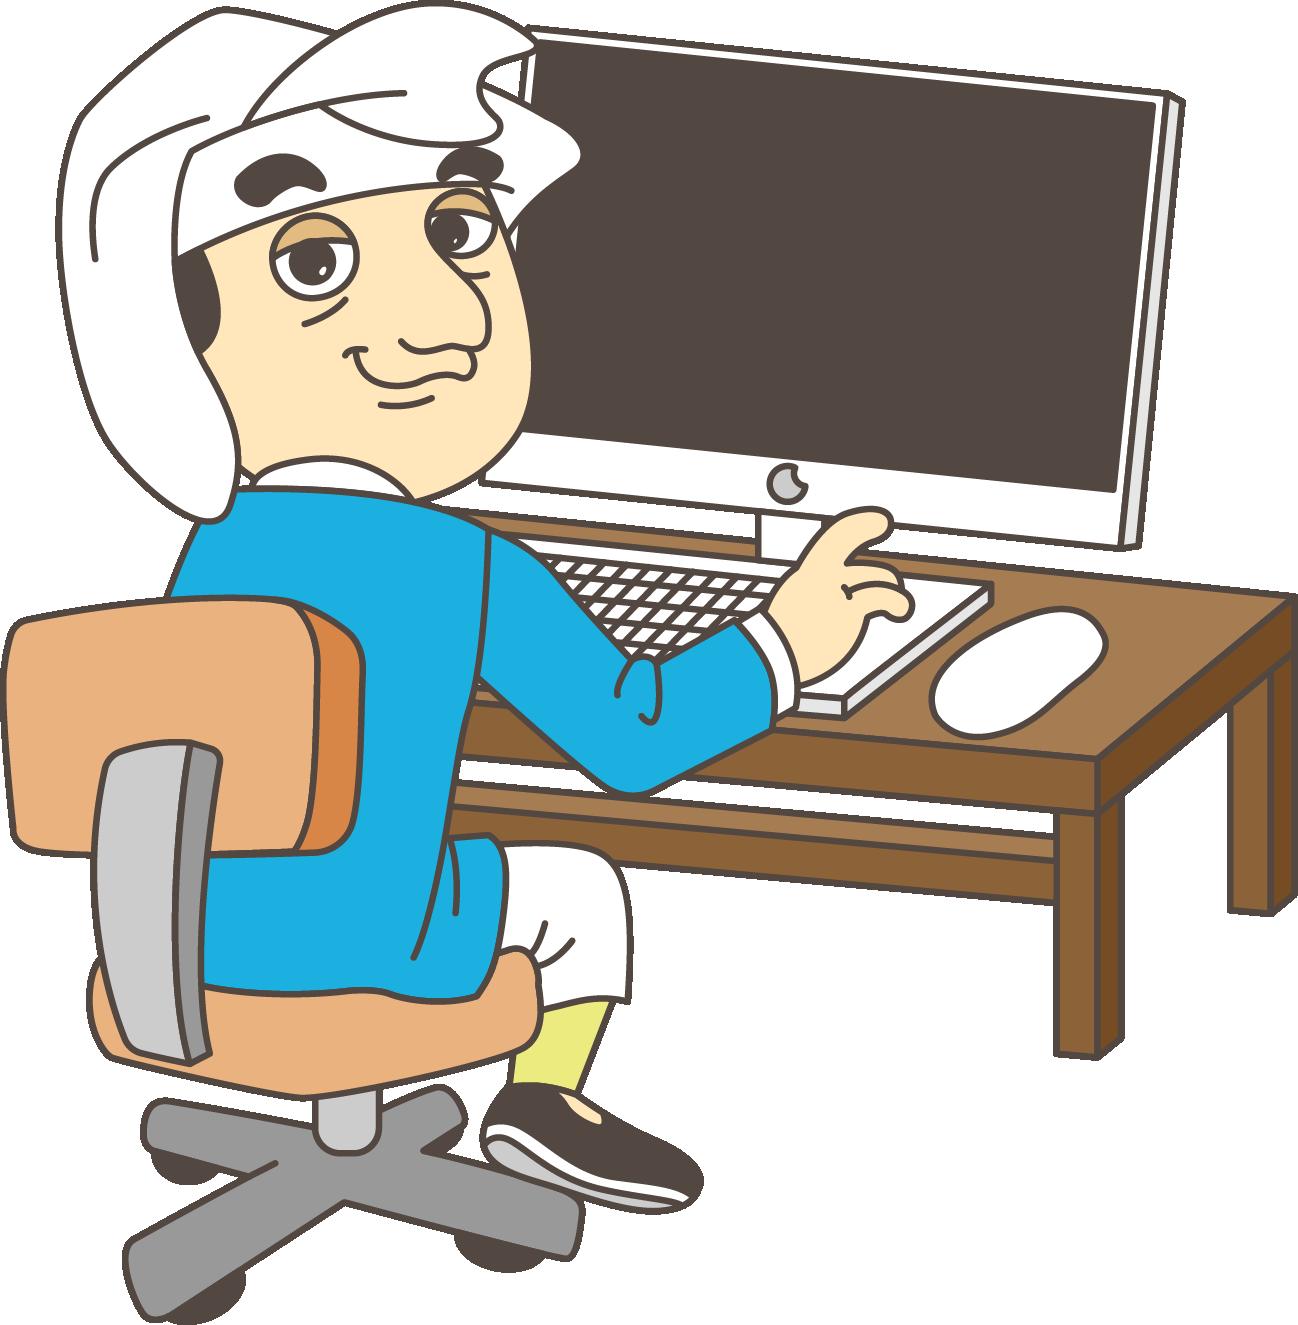 Leonardo Fibonicci die cijferreeksen wil oefenen op zijn computer